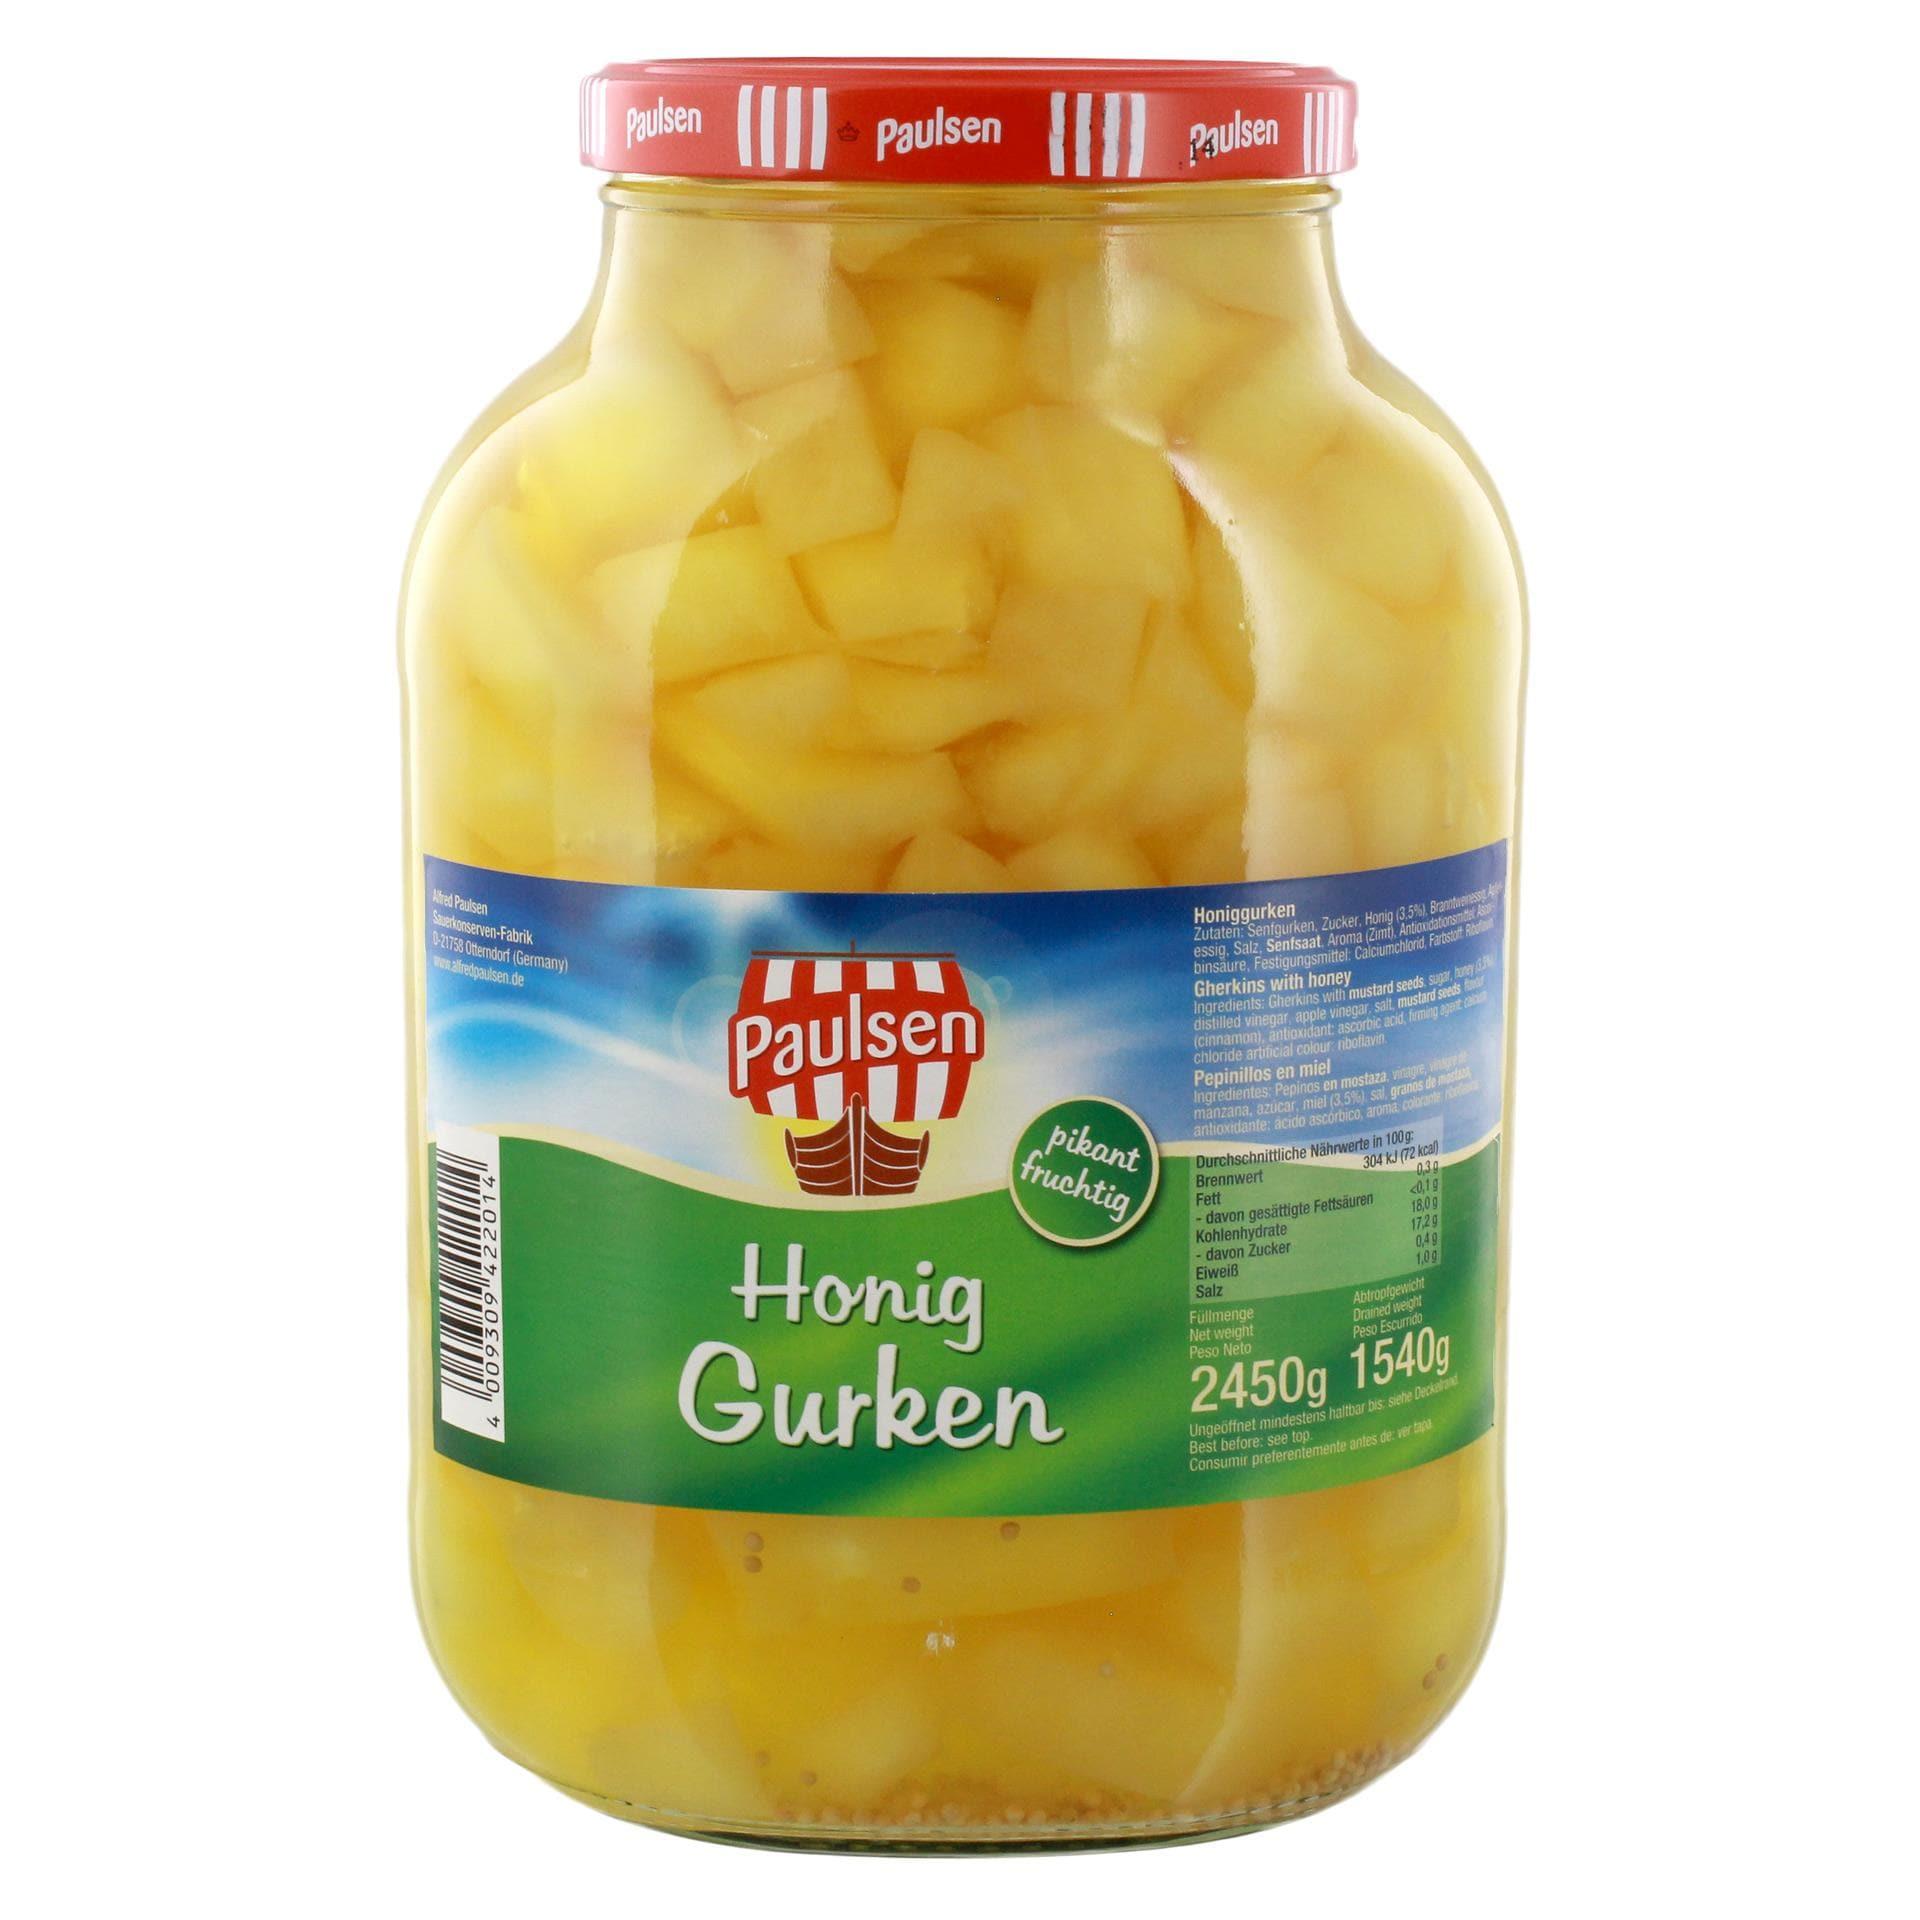 Paulsen Honig-Gurken eingelegt 1,54kg